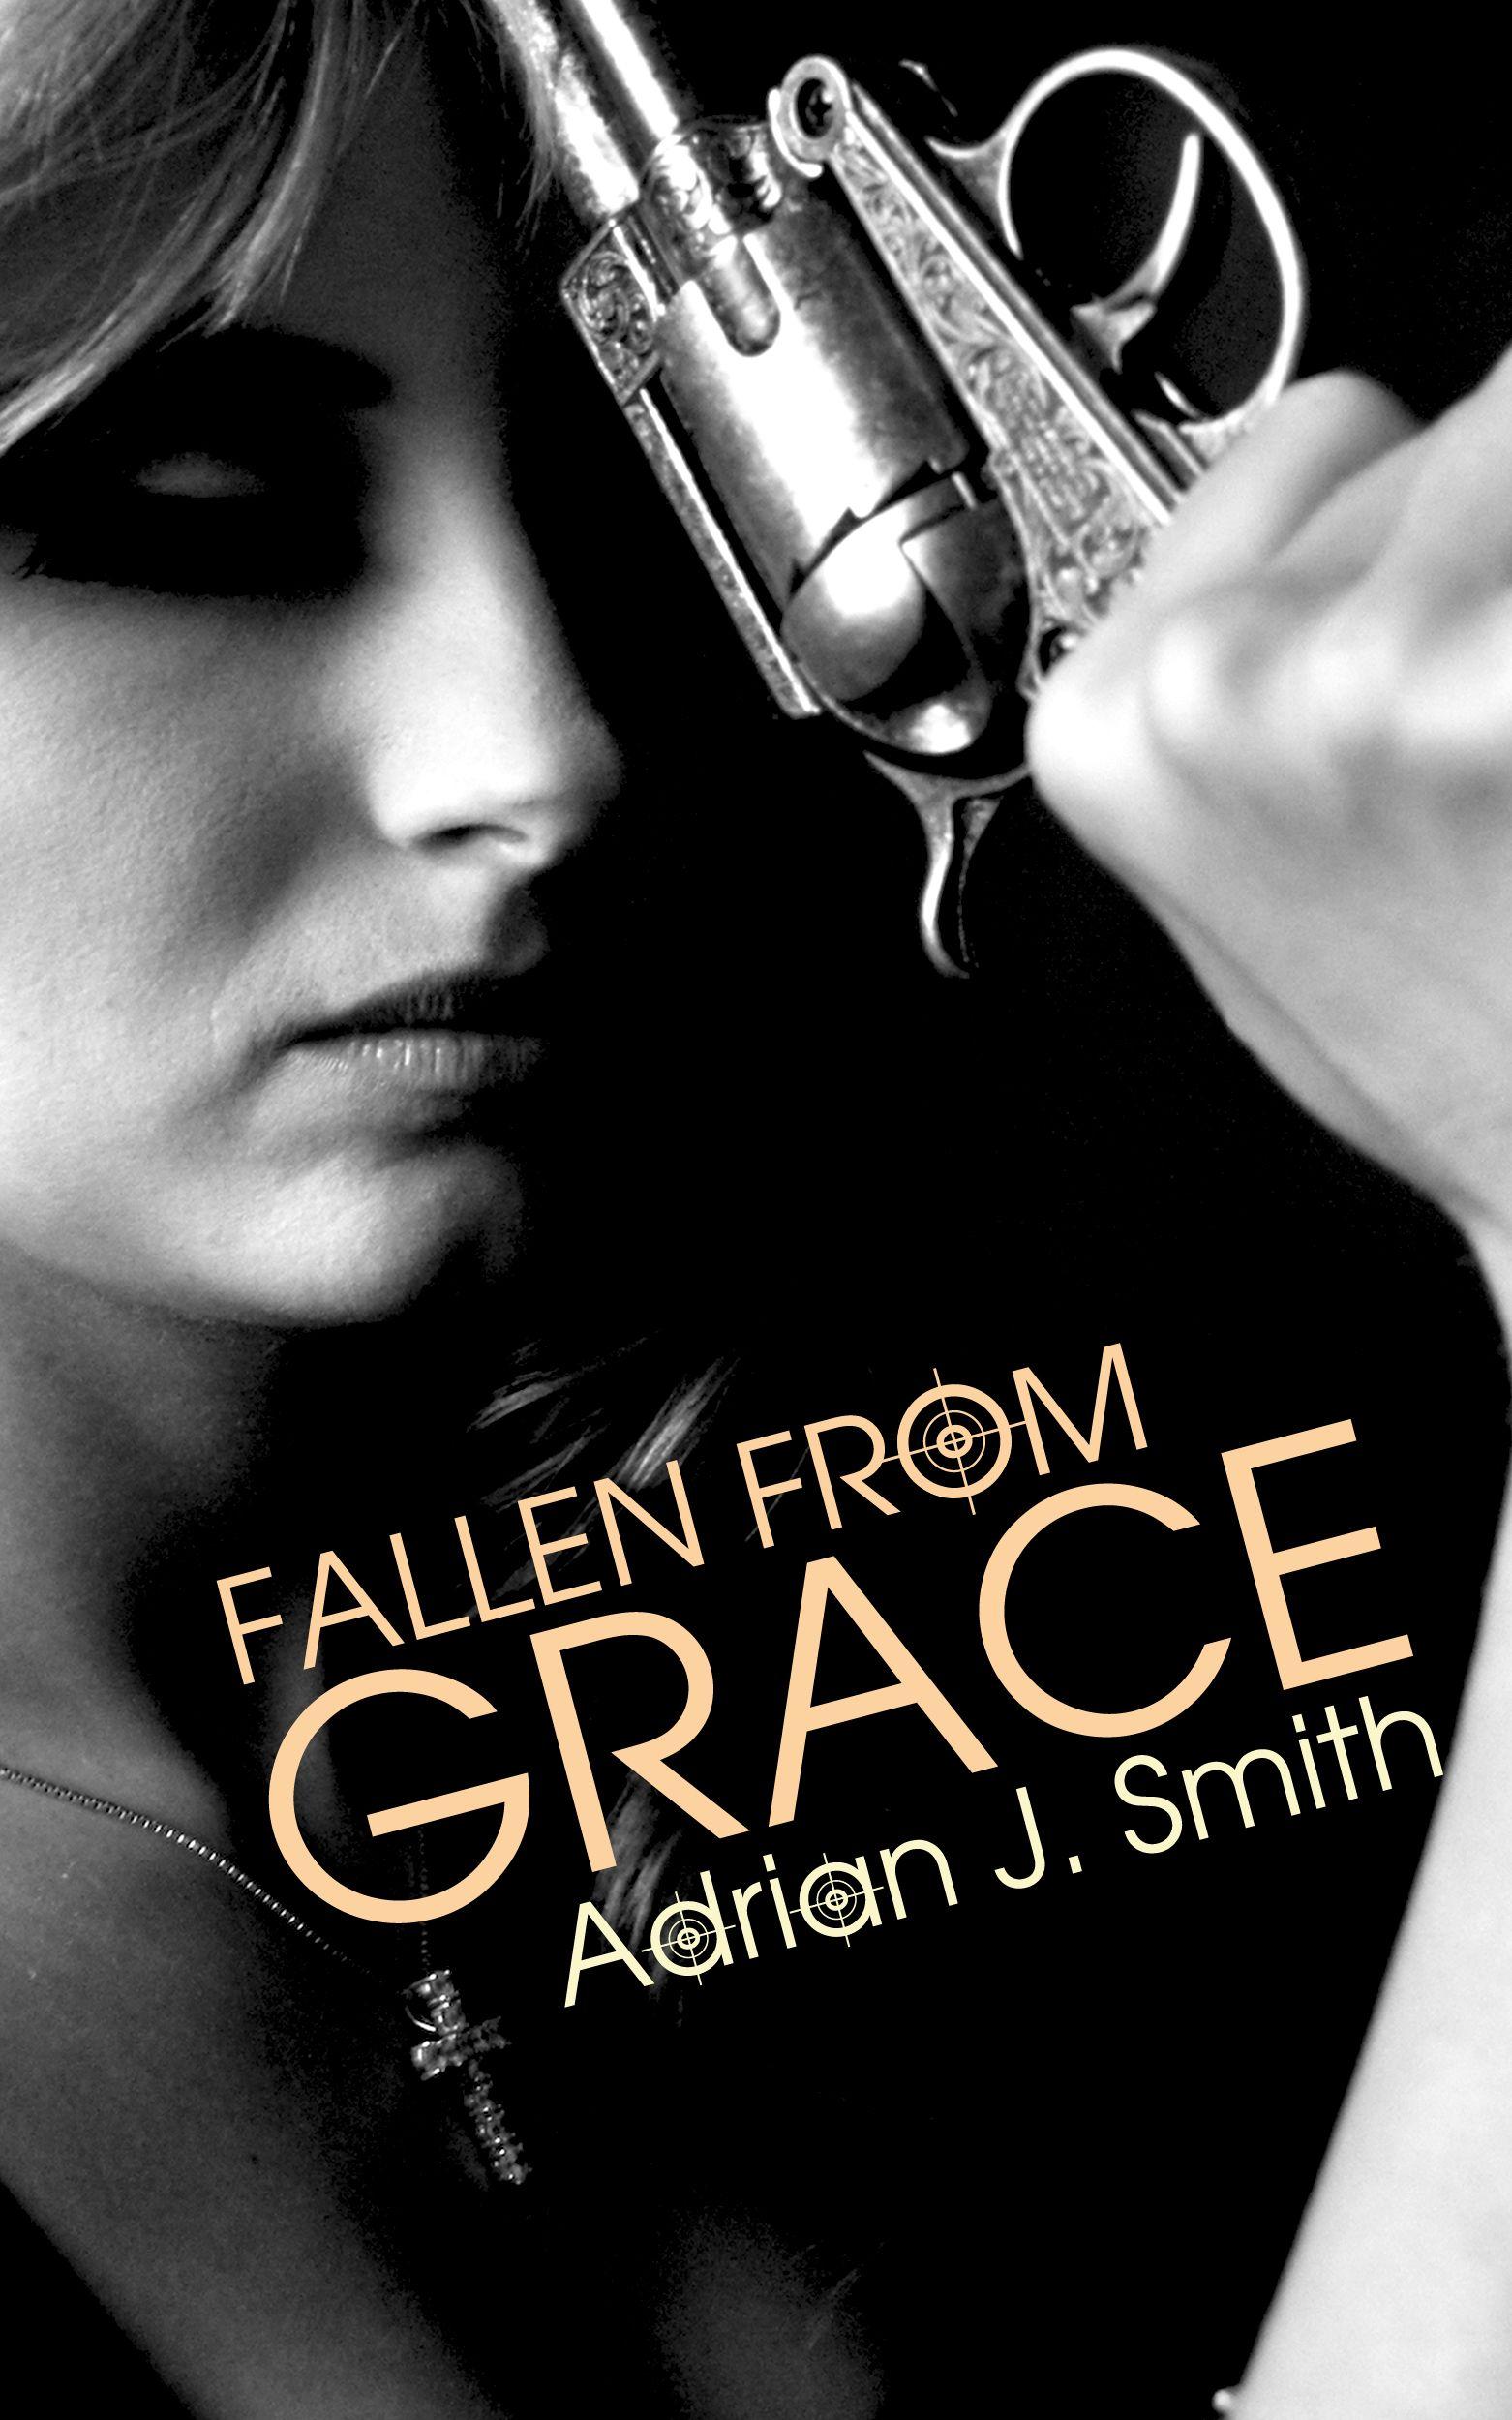 Fallen from Grace (Grace 2) by Adrian J. Smith